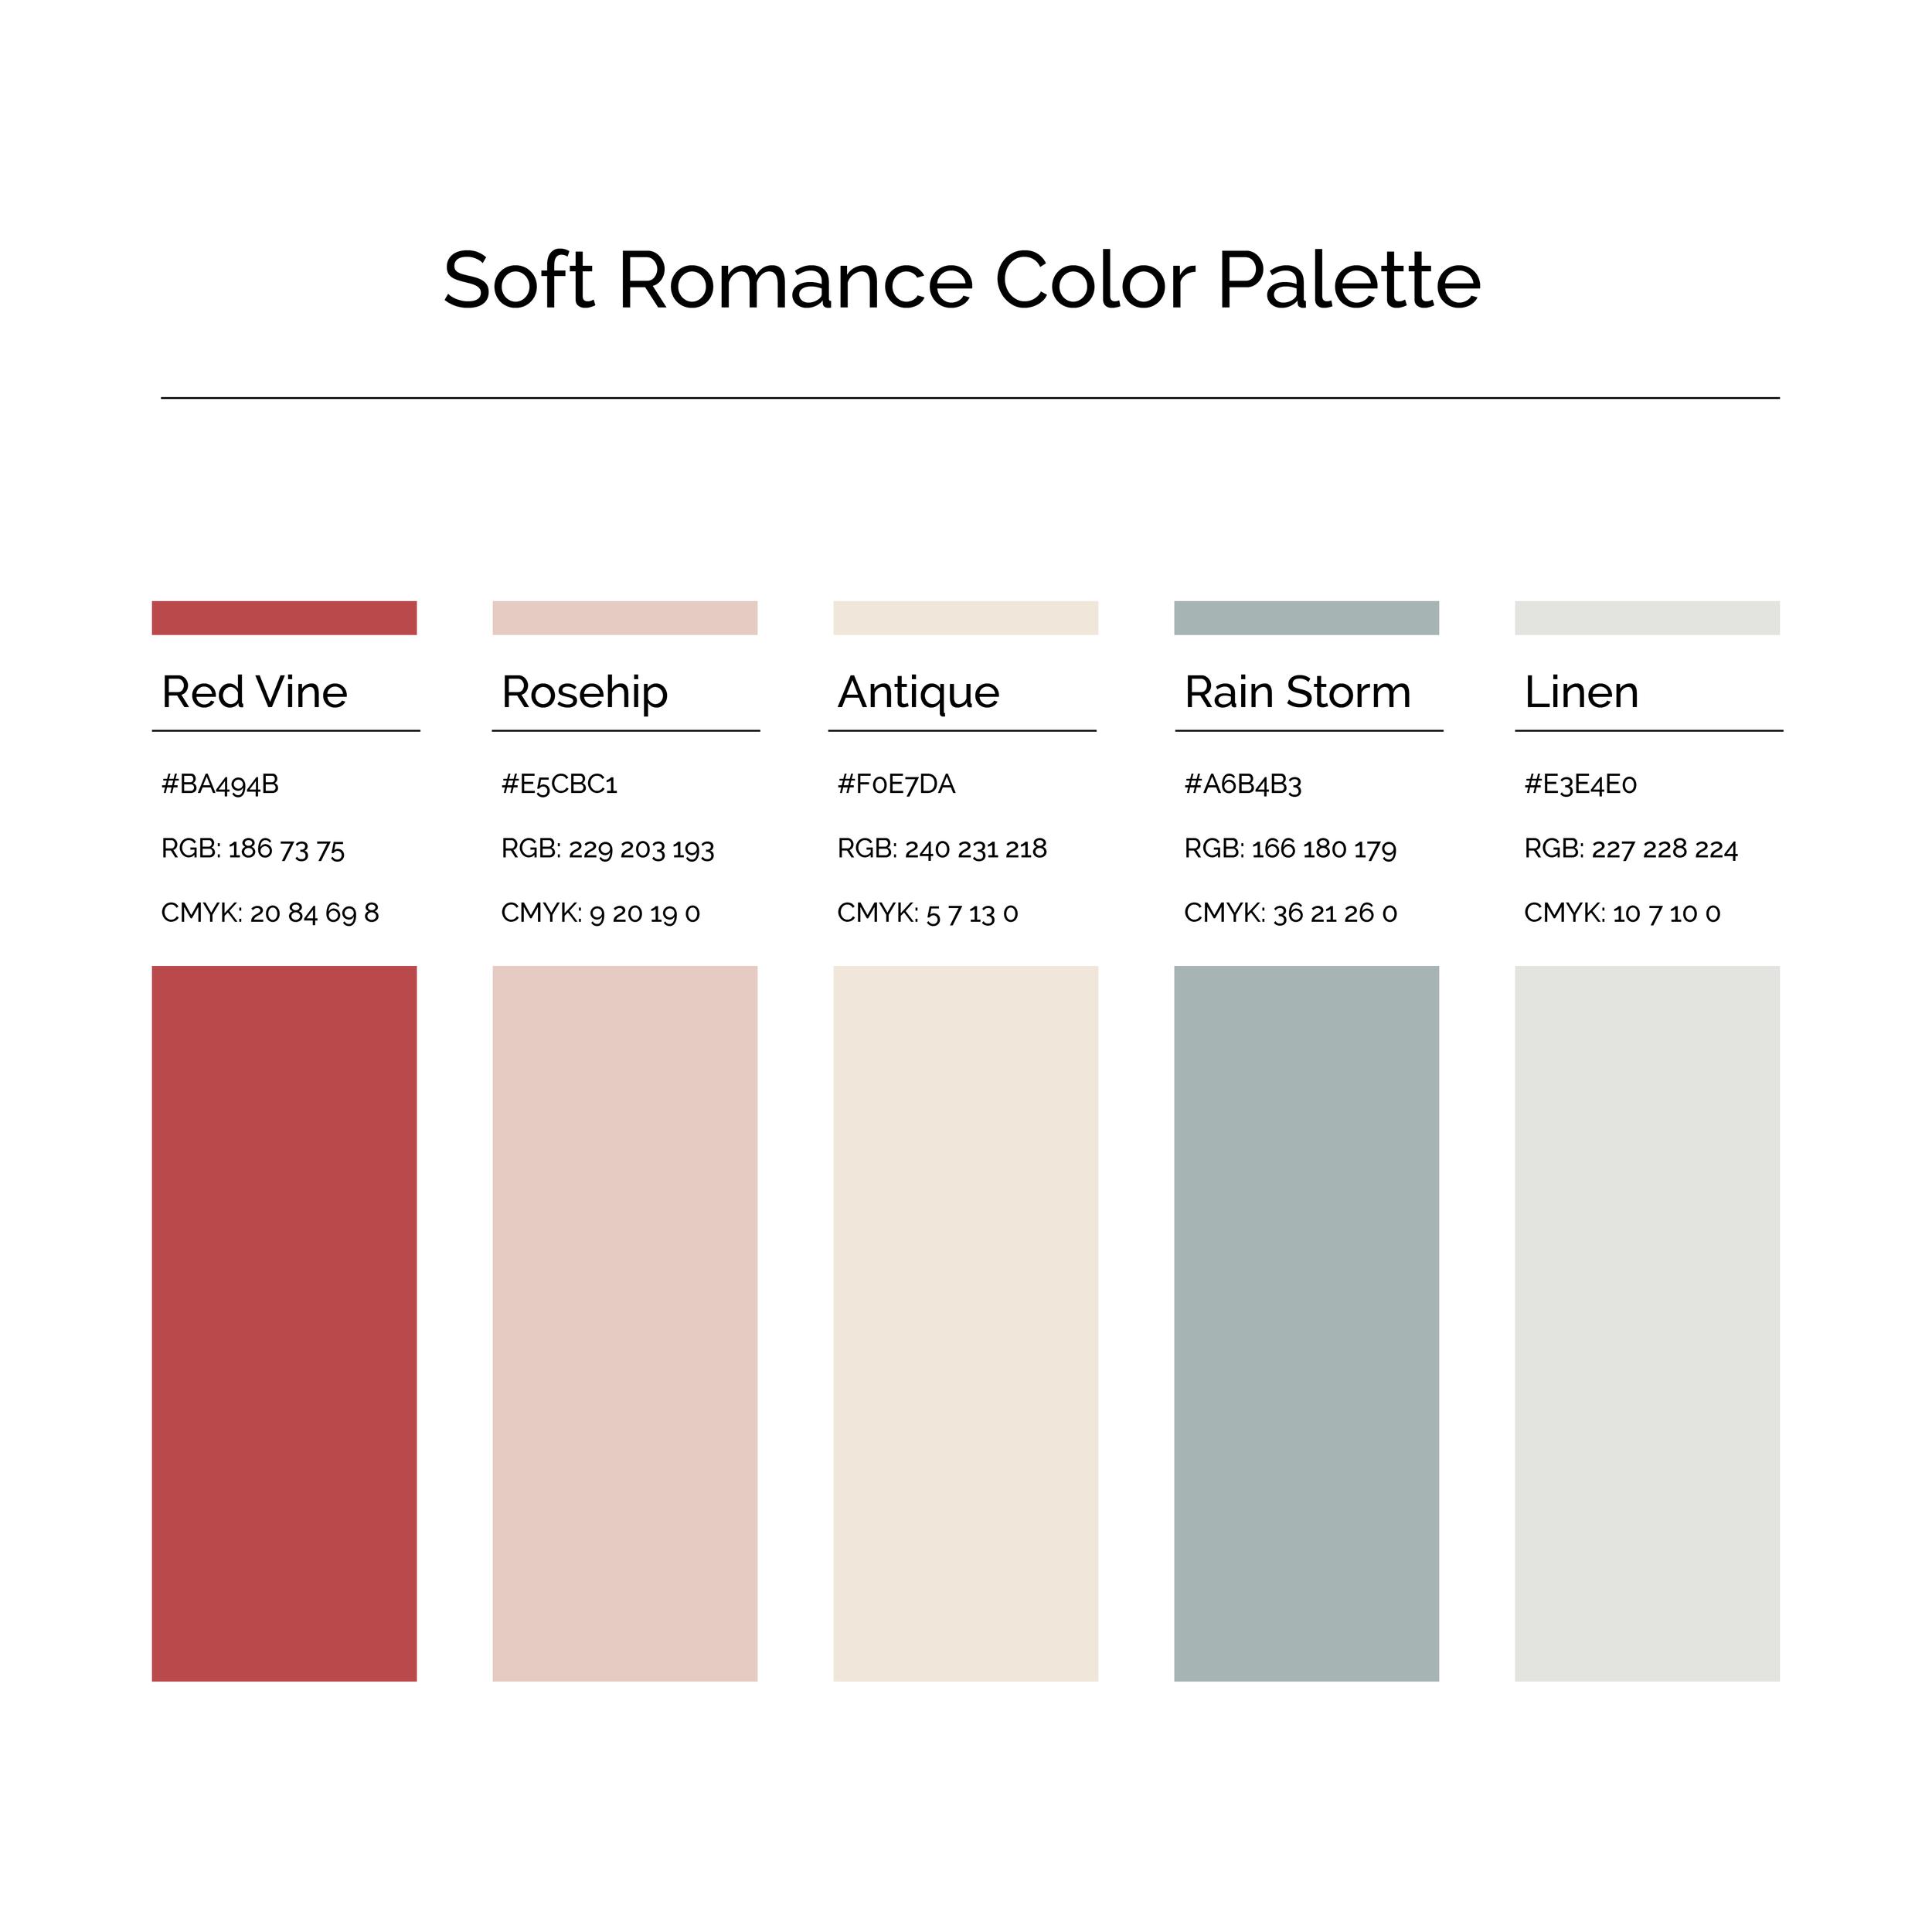 15 More Color Palettes | Soft Romance Color Palette